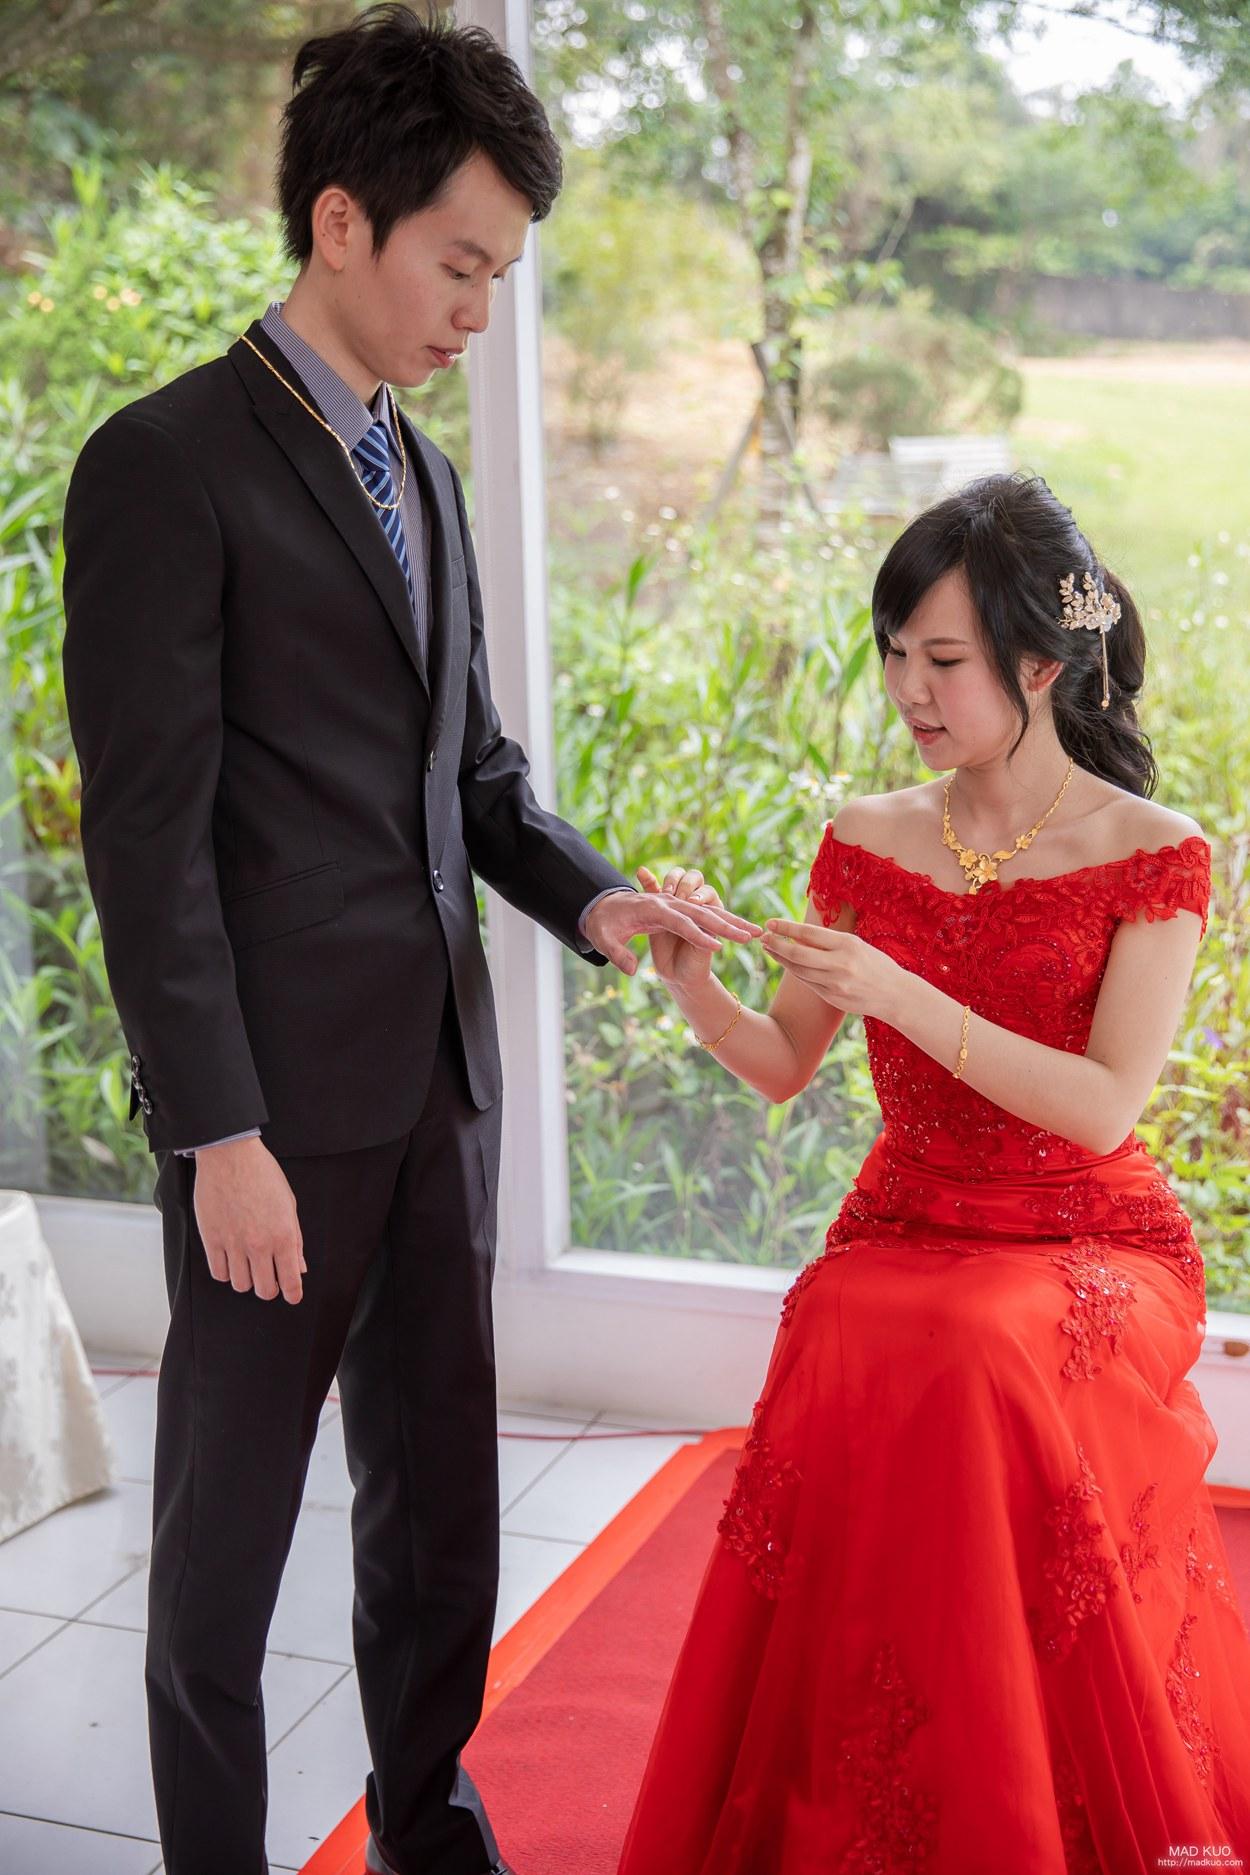 桃園婚攝推薦,大溪蘿莎會館婚攝